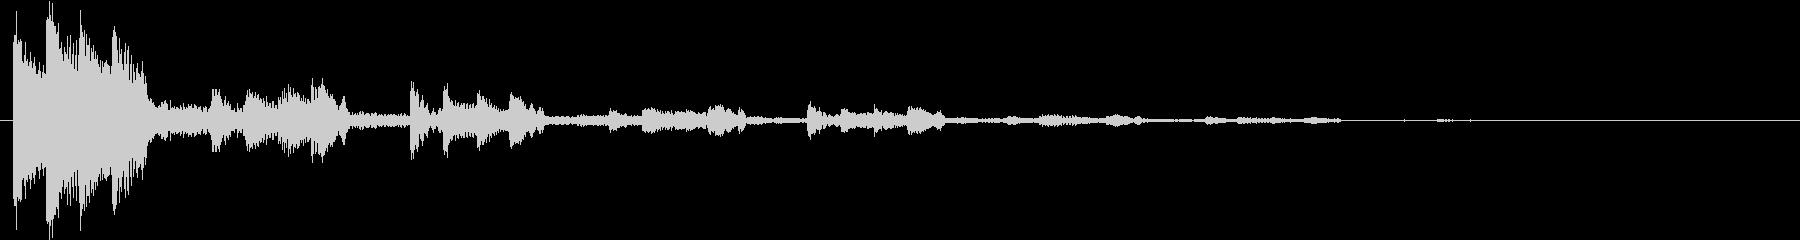 KANT涼しげアイキャッチ09228の未再生の波形